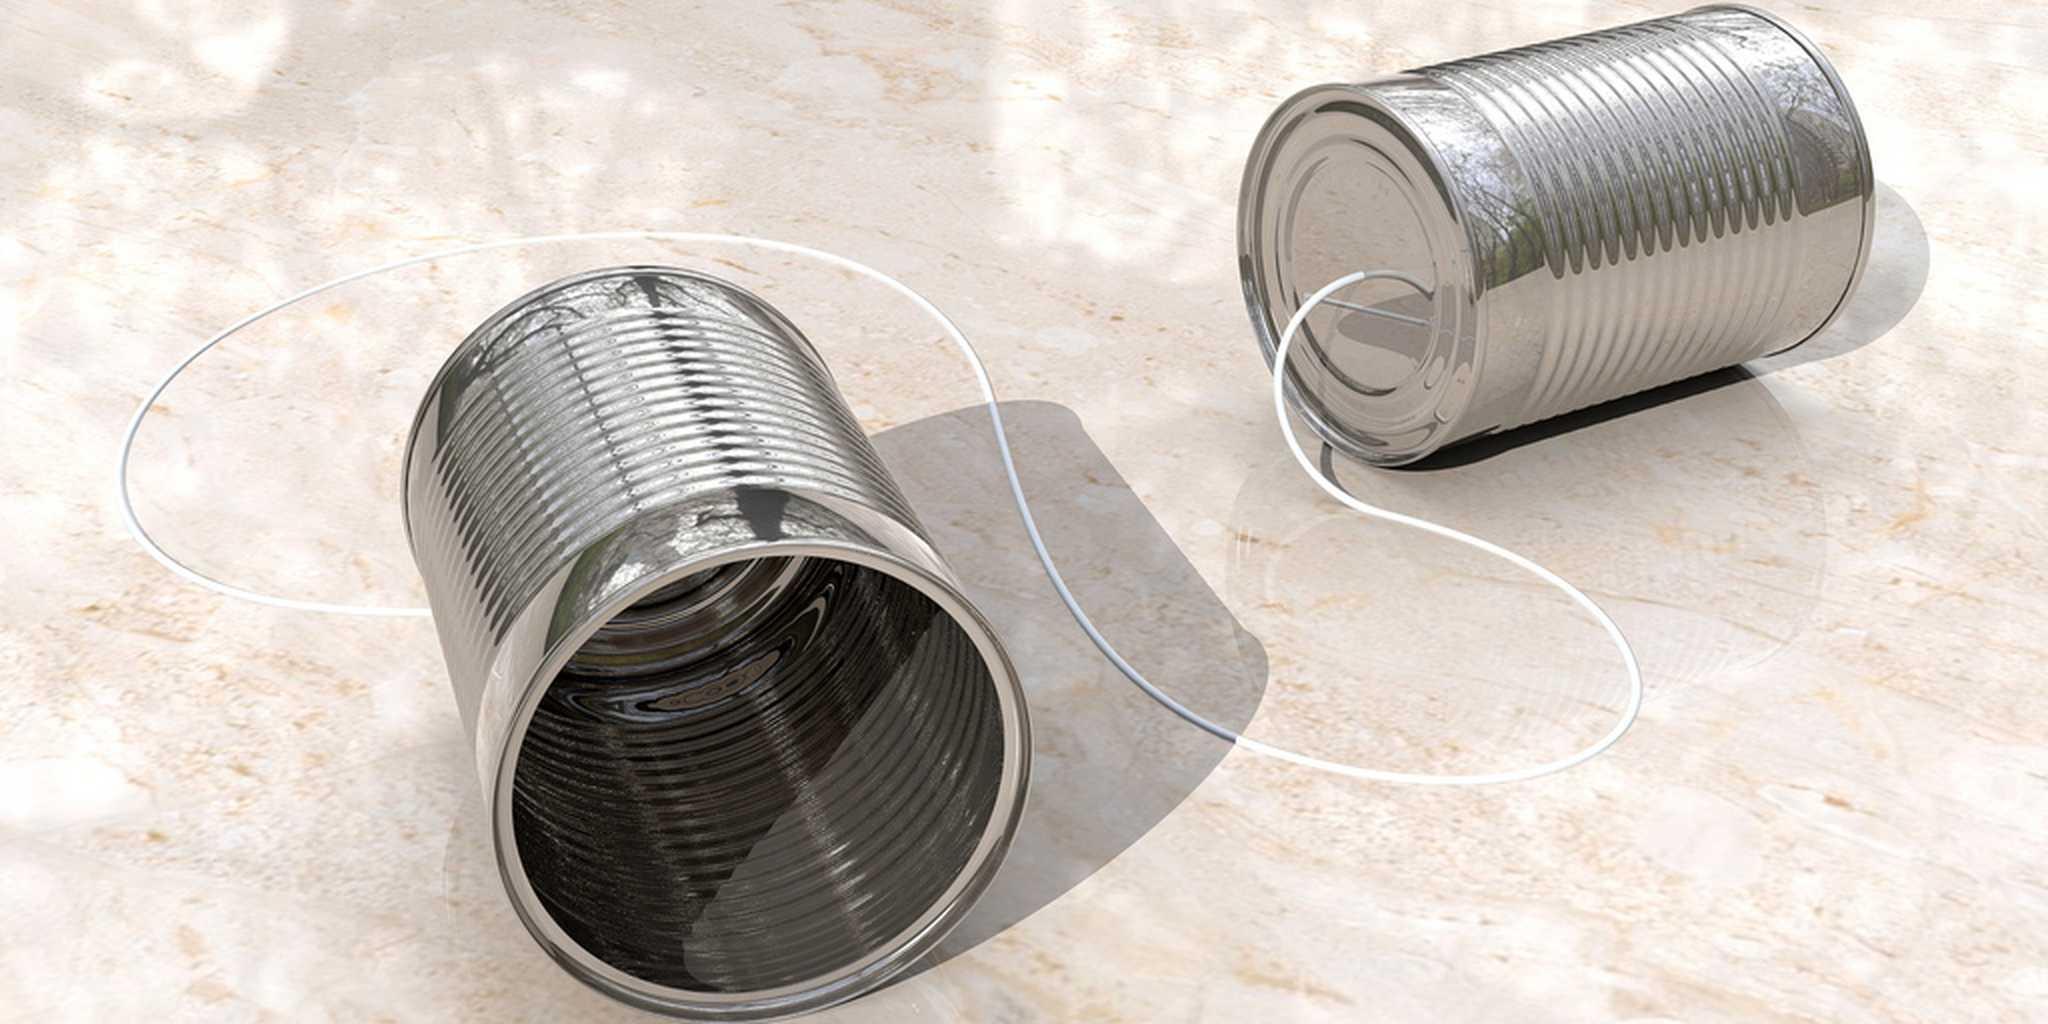 tin cans.jpg